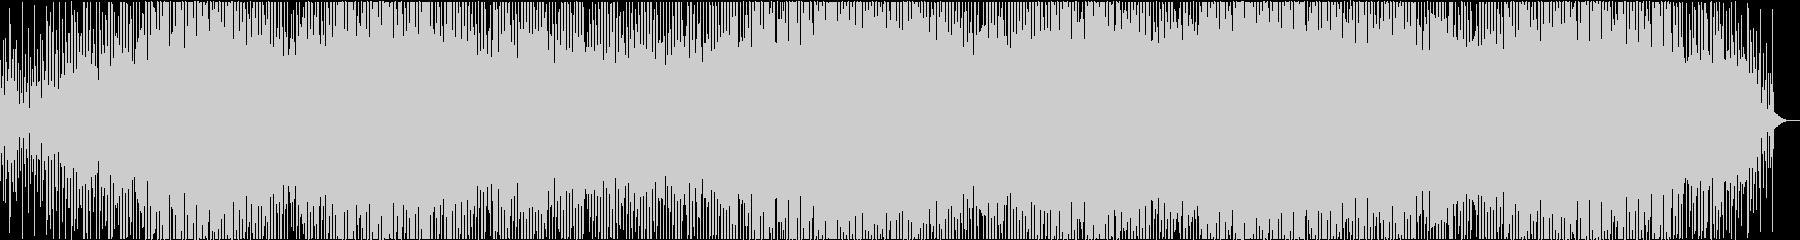 動画14 16bit44.1kHzVerの未再生の波形